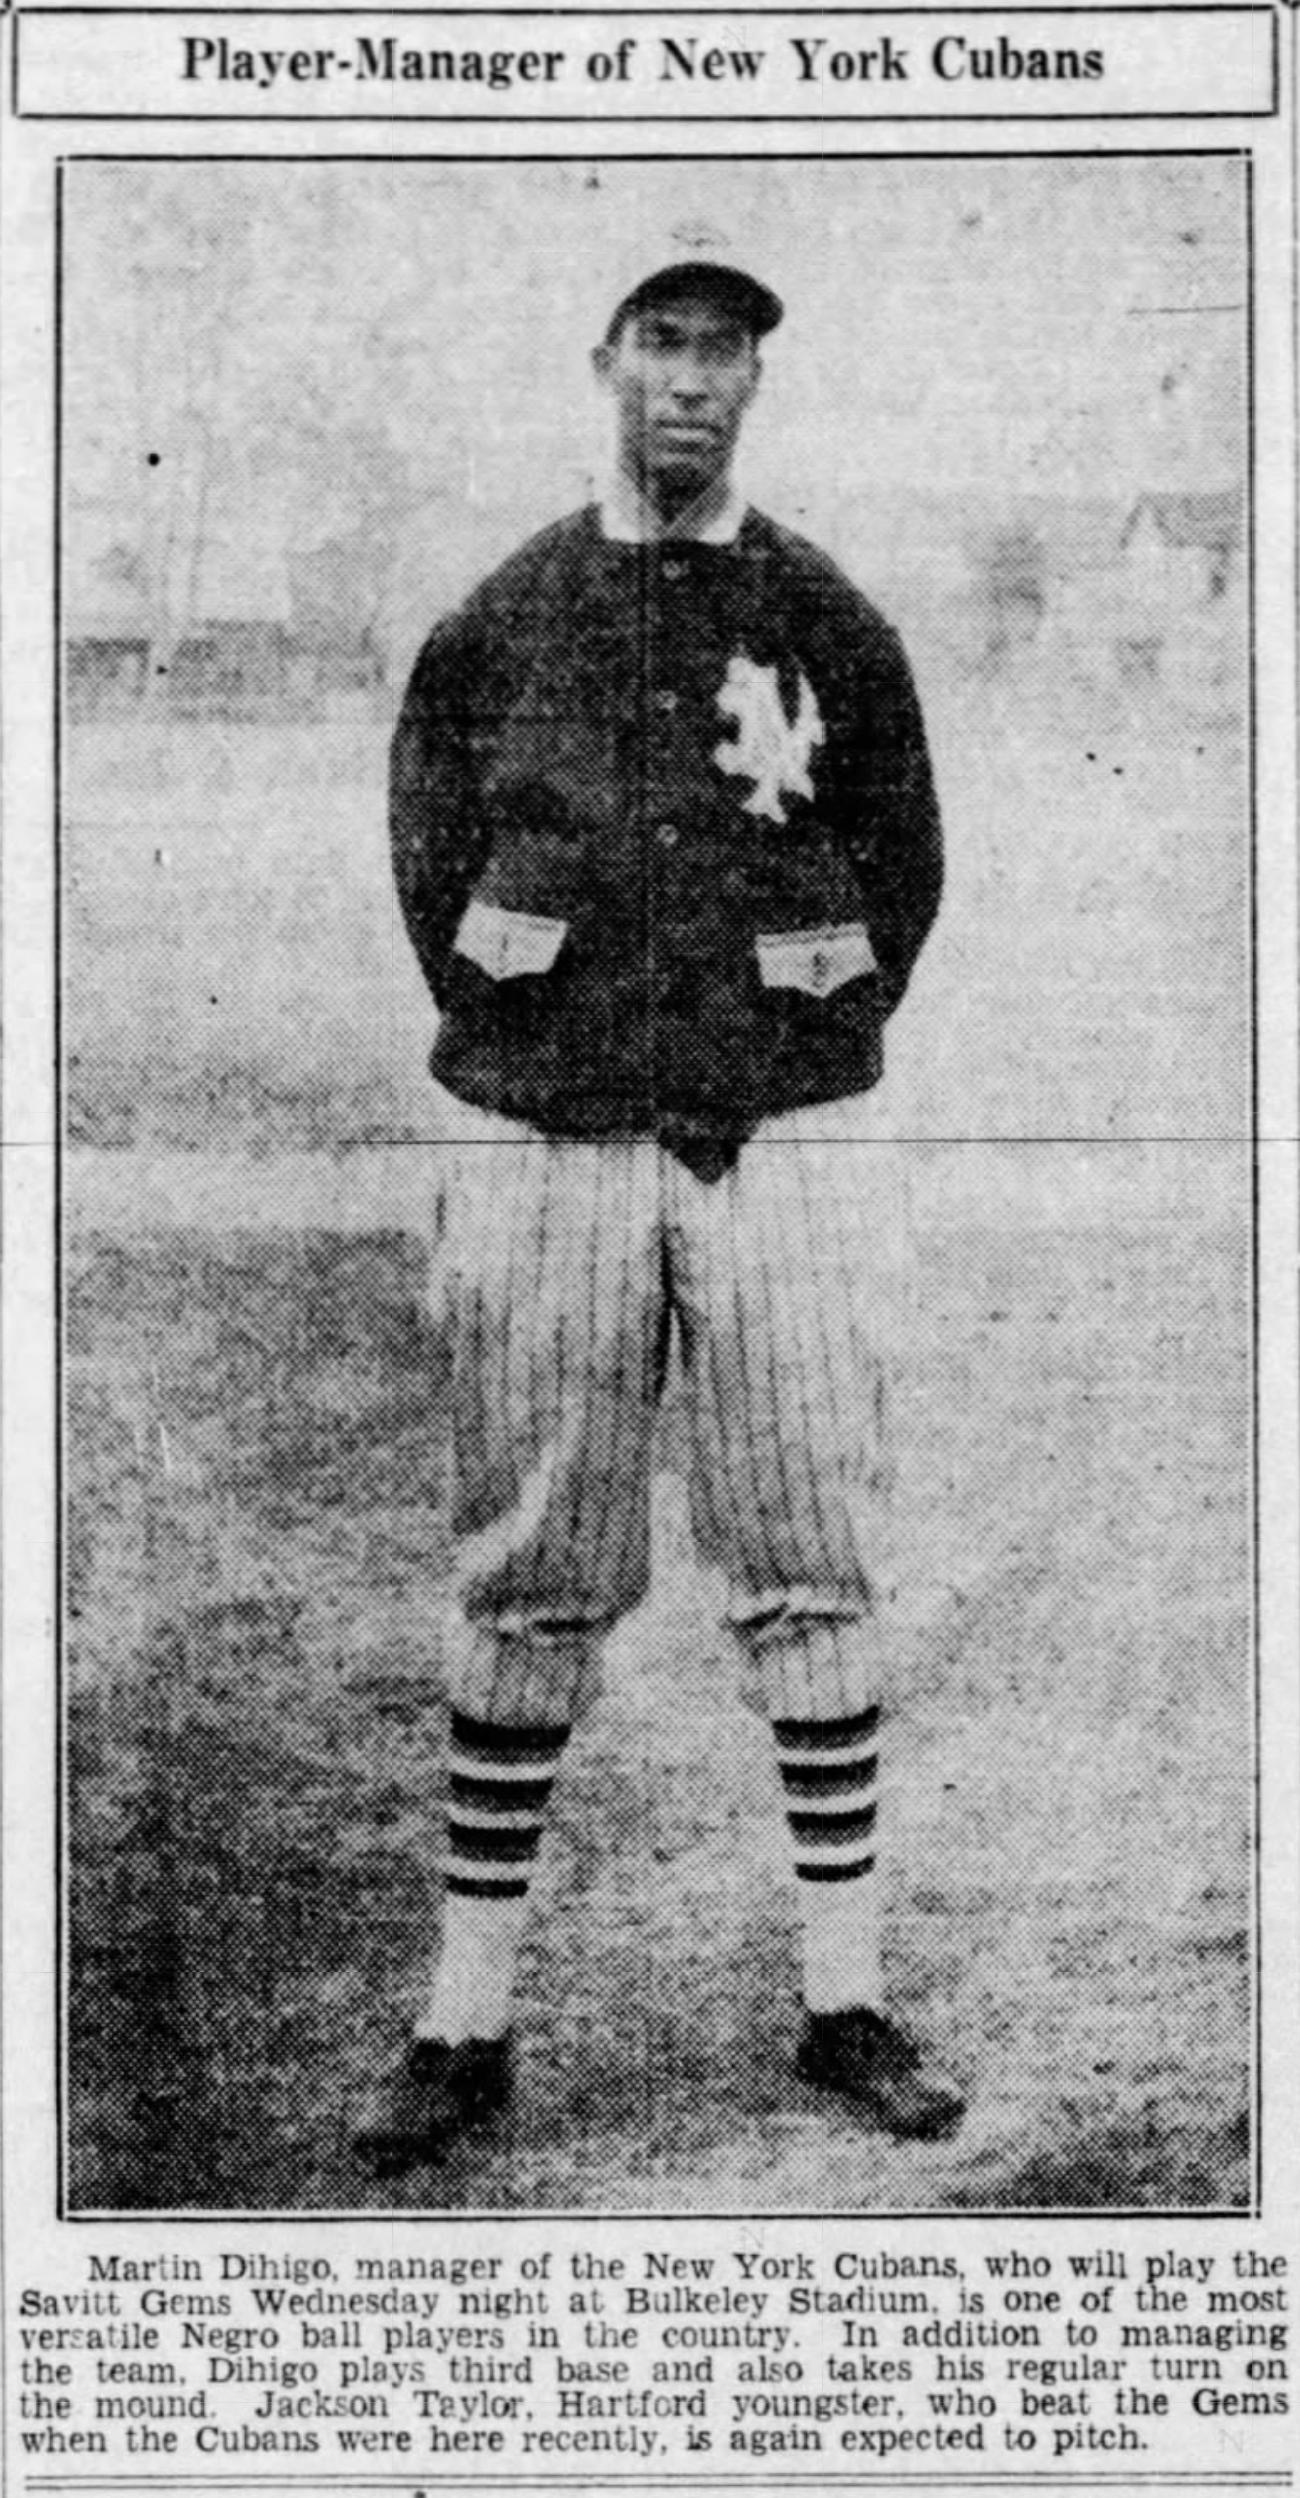 Martin Dihigo, New York Cubans, 1936.